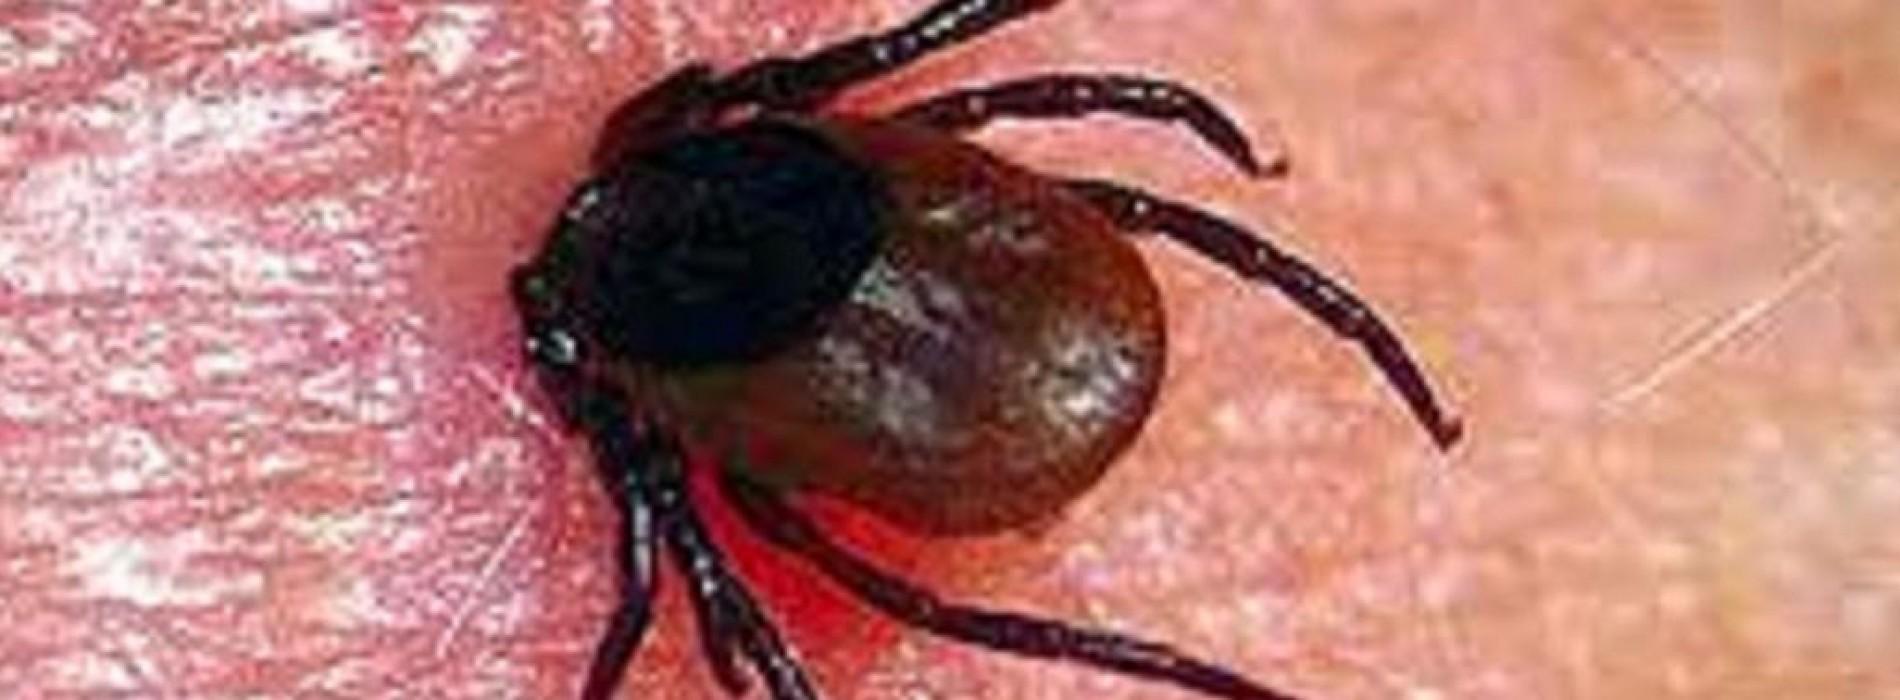 Waarschuwing: Teken dragen nu een ziekte dodelijker dan Lyme ziekte!